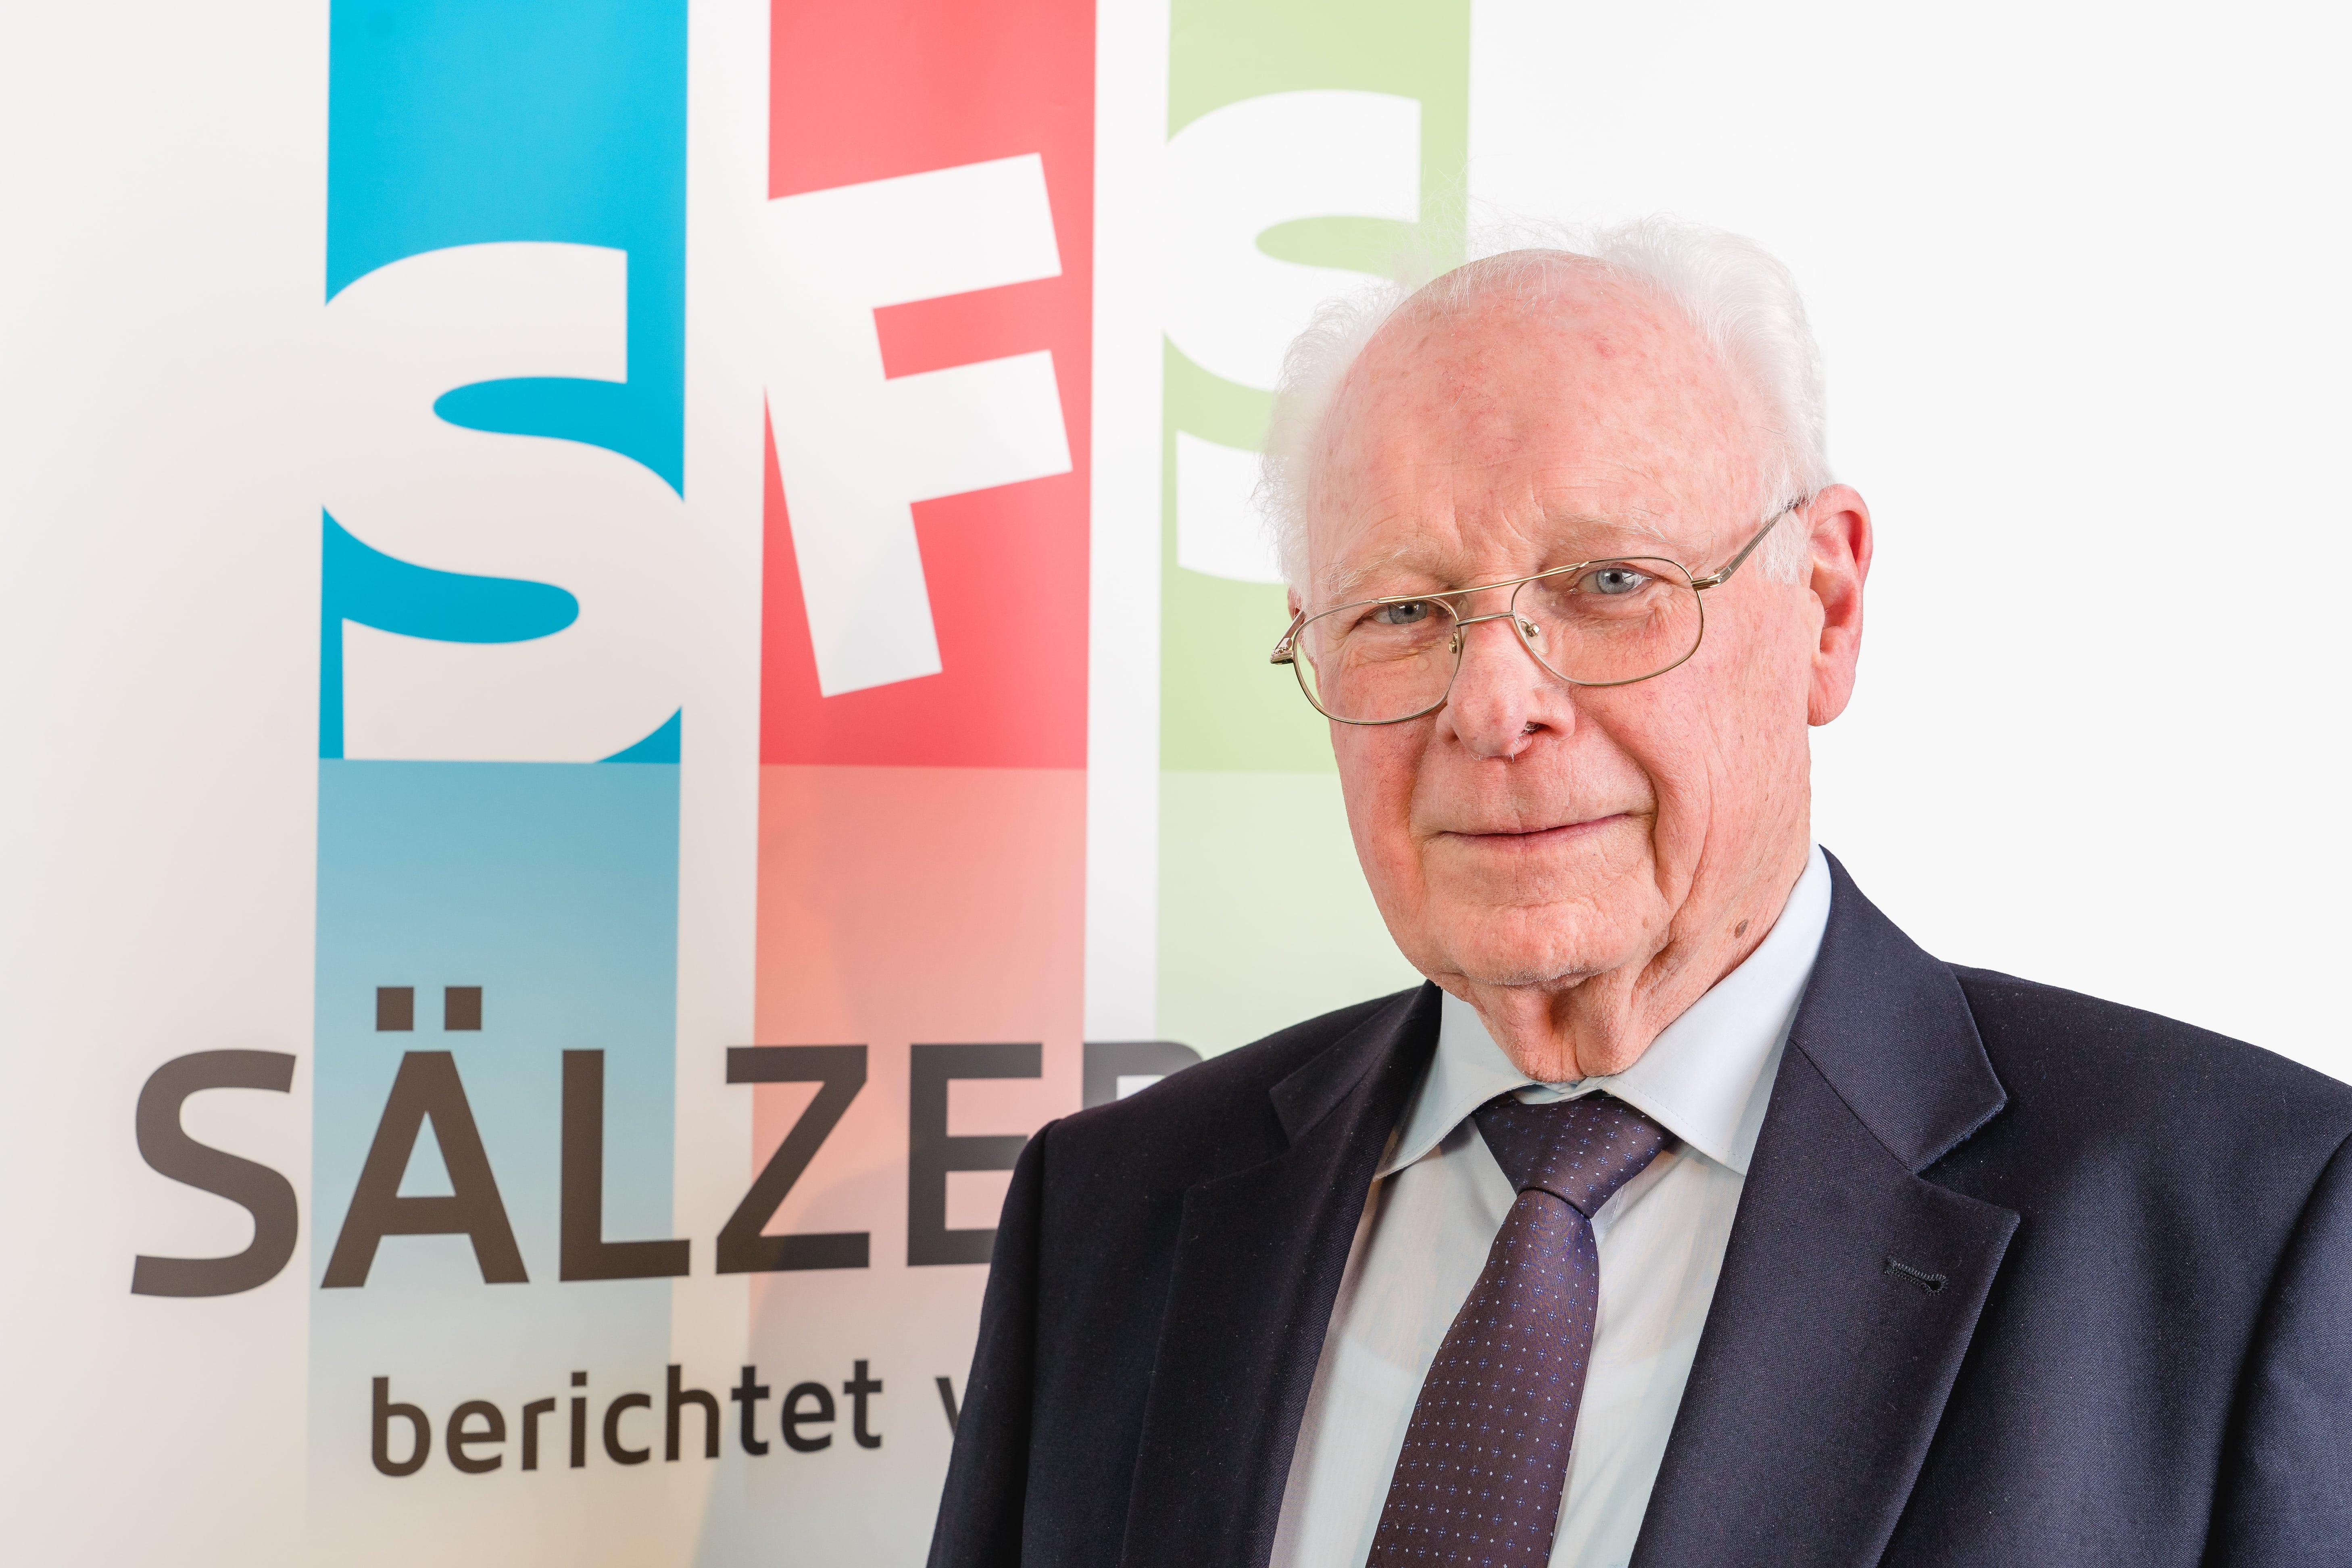 Salzkotten TV-Franz-Josef